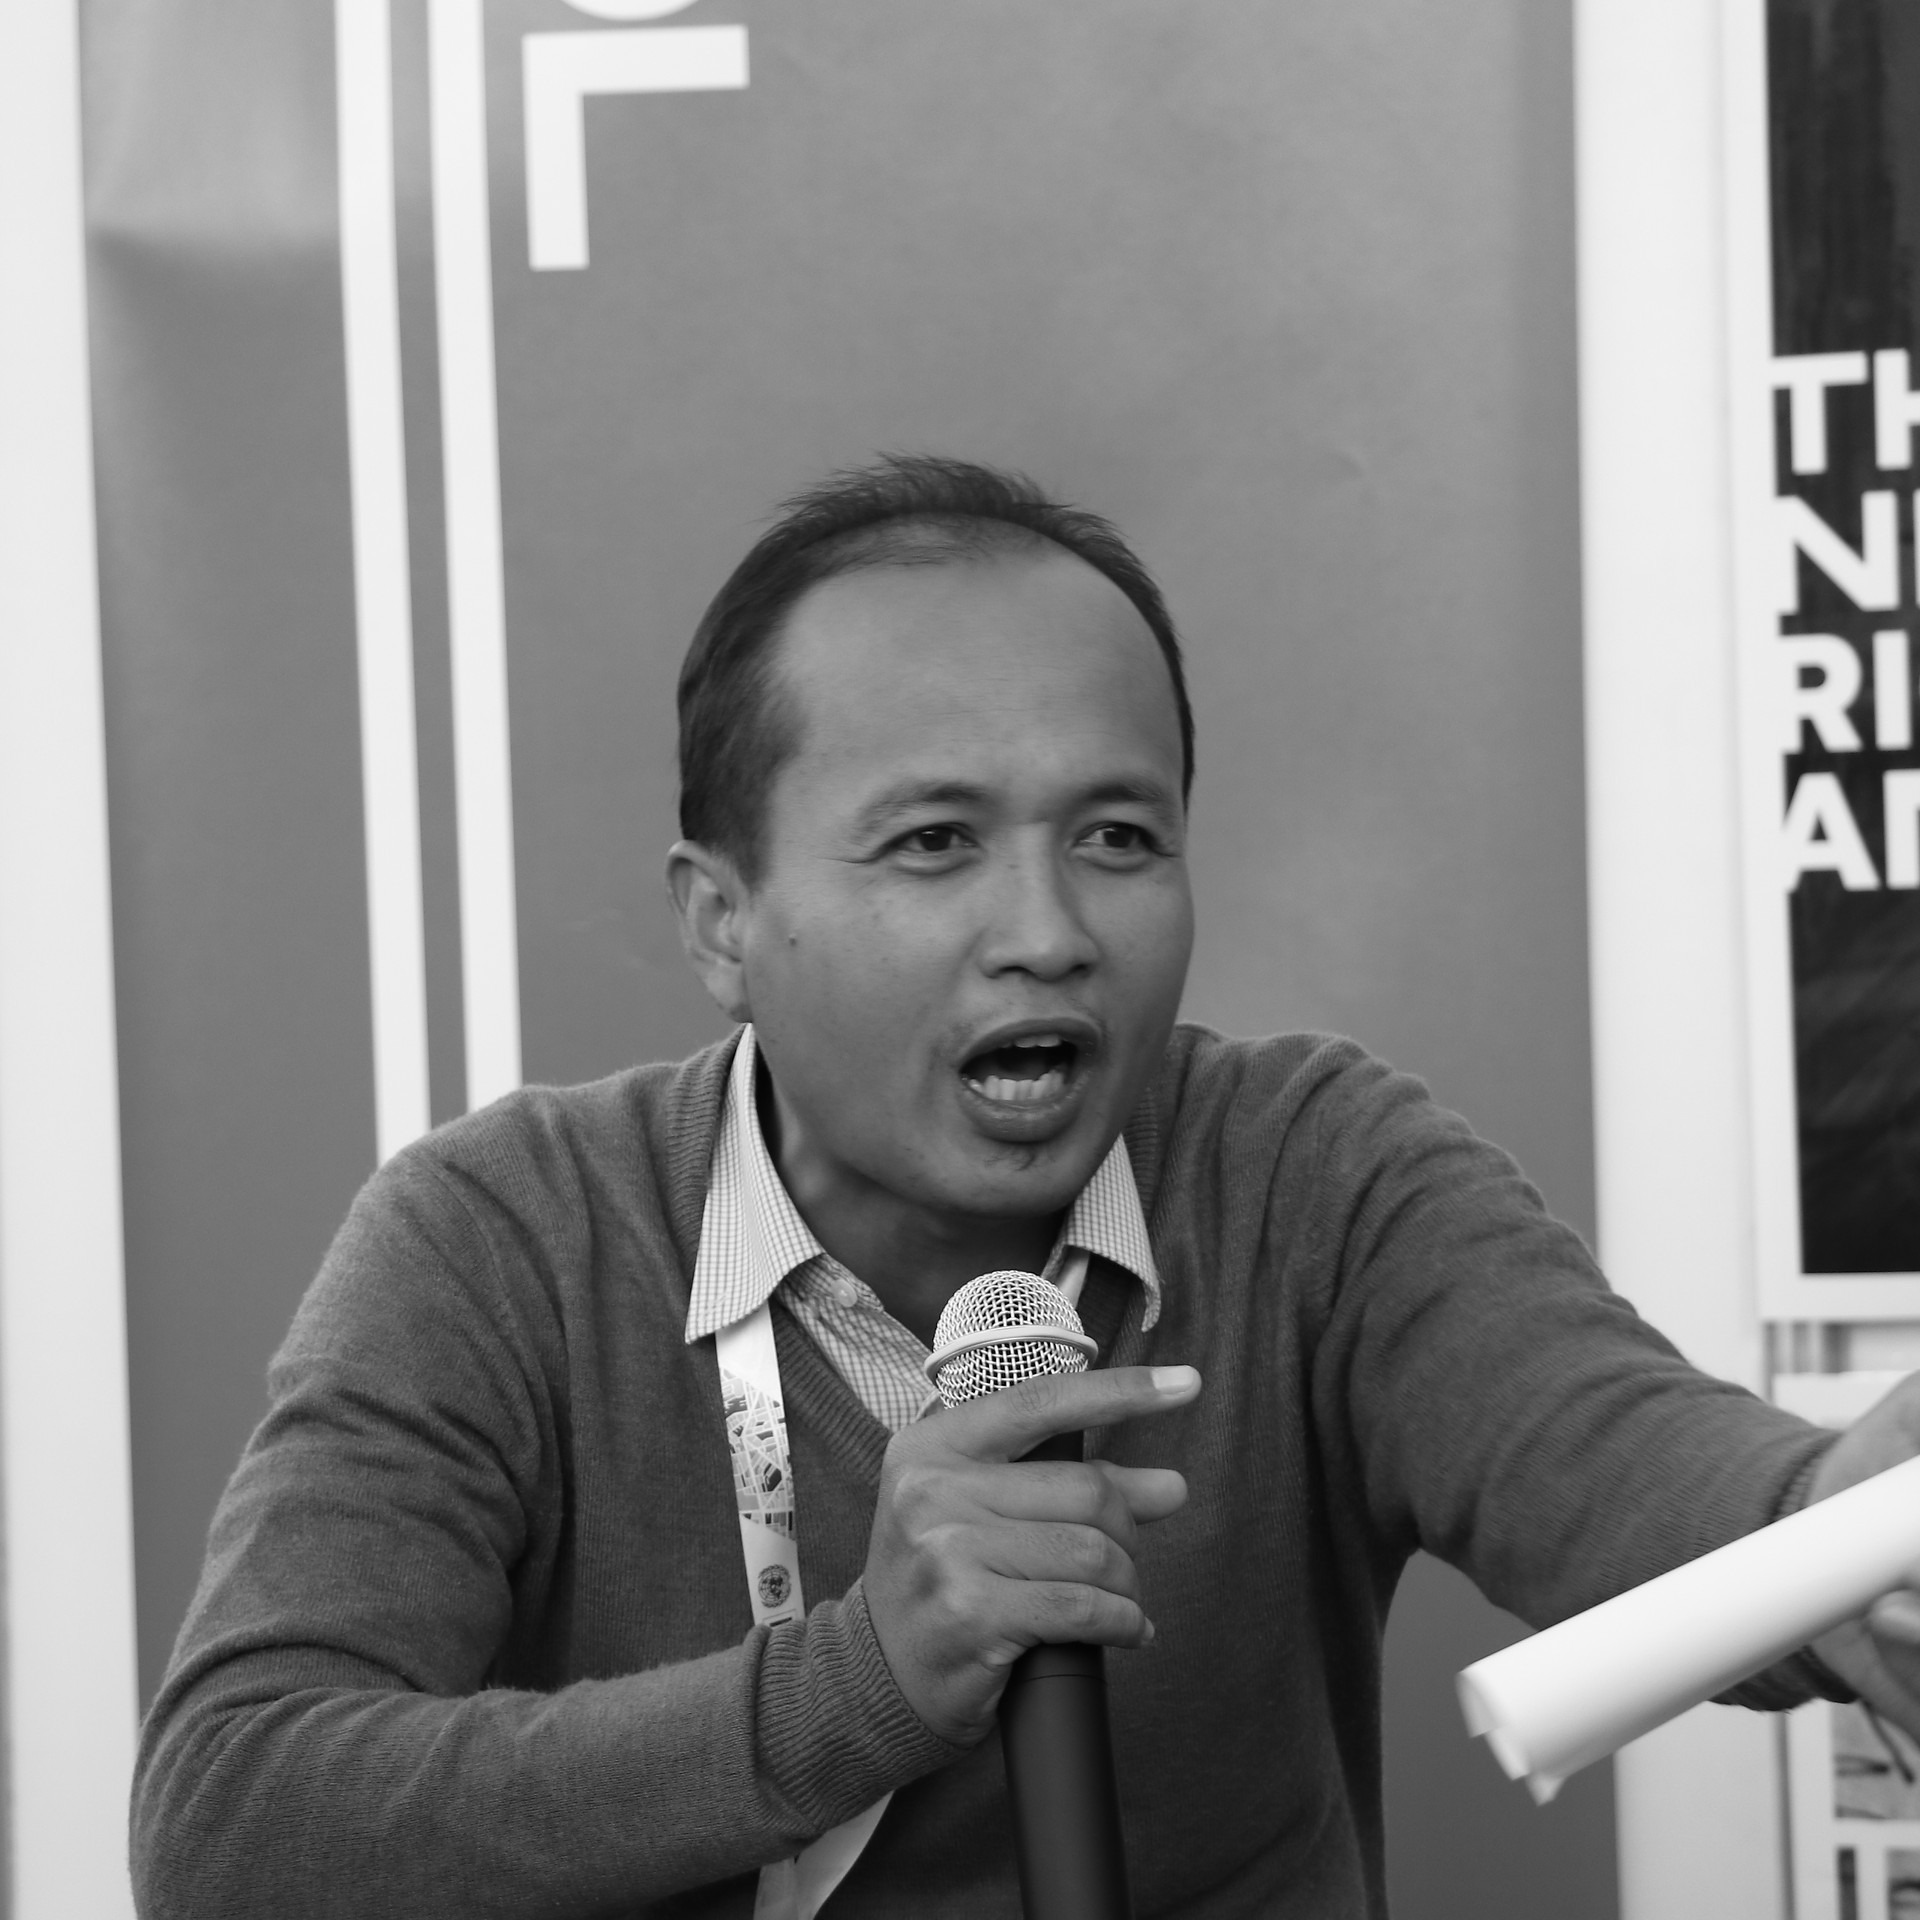 Ahmad Rifai of Kota Kita